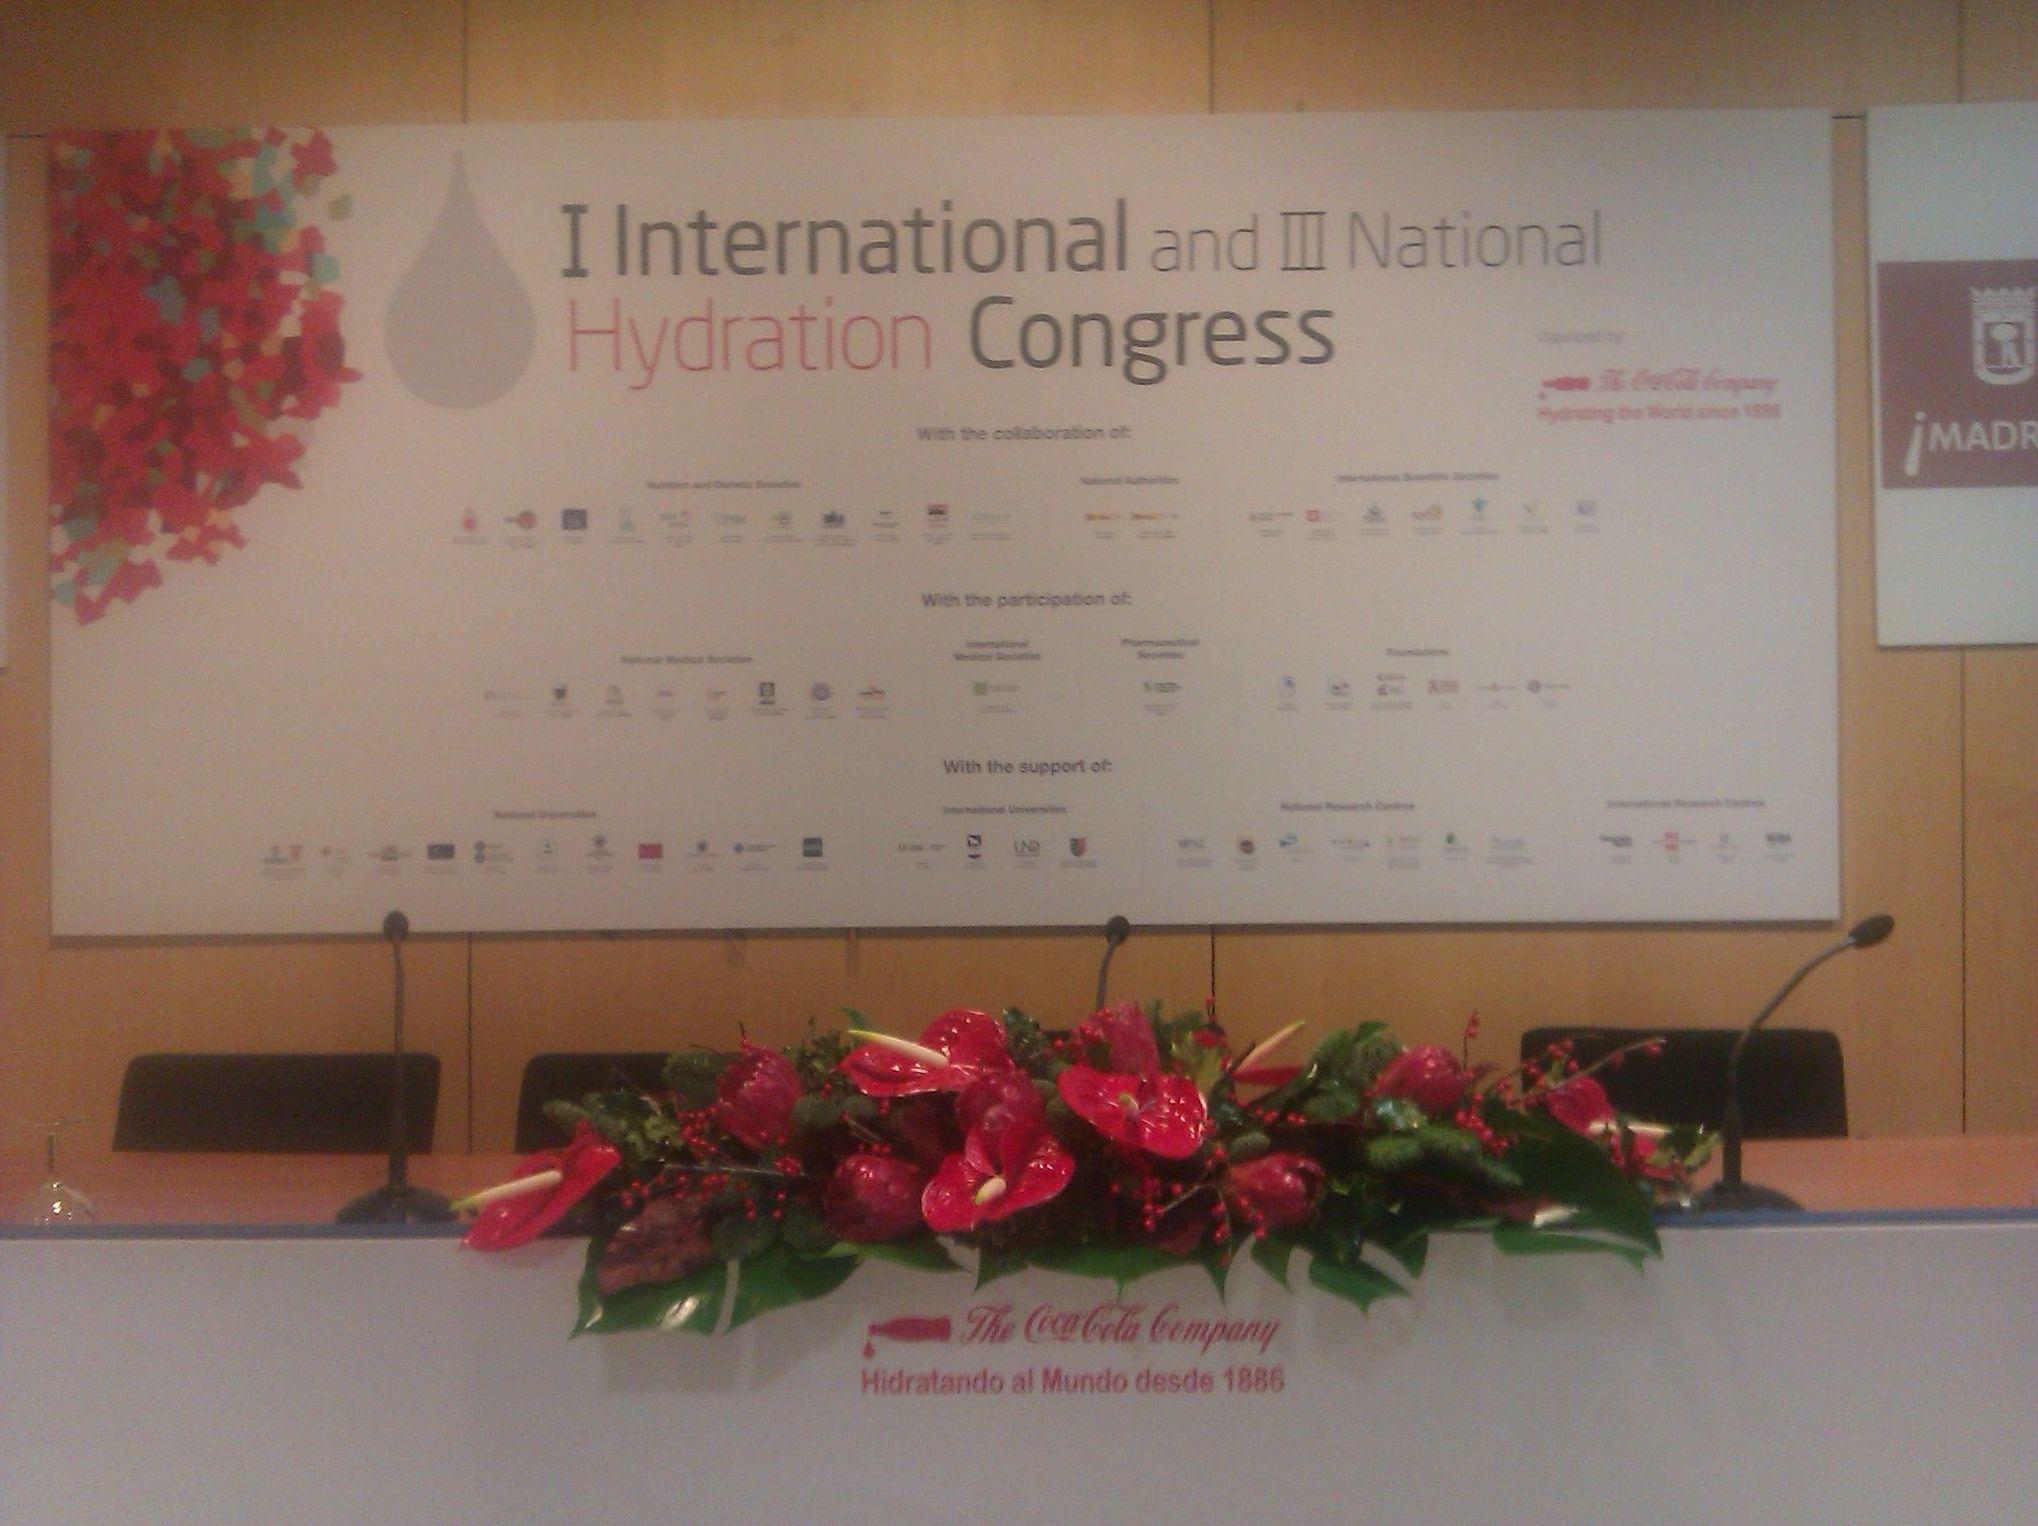 Especializados en decoraciones florales de grandes eventos, congresos